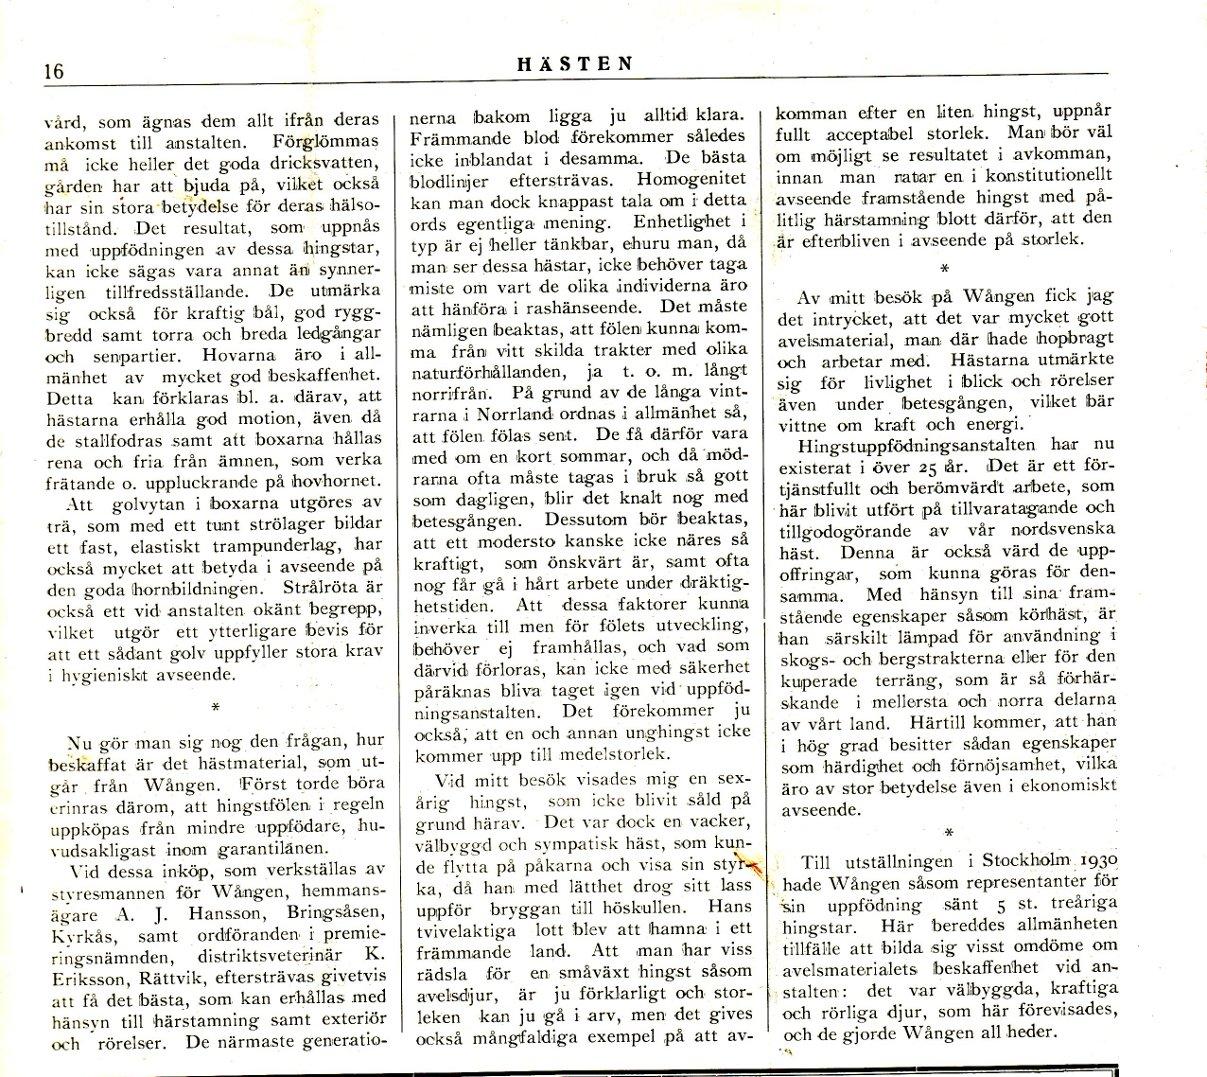 P Scmidt Wången 1932